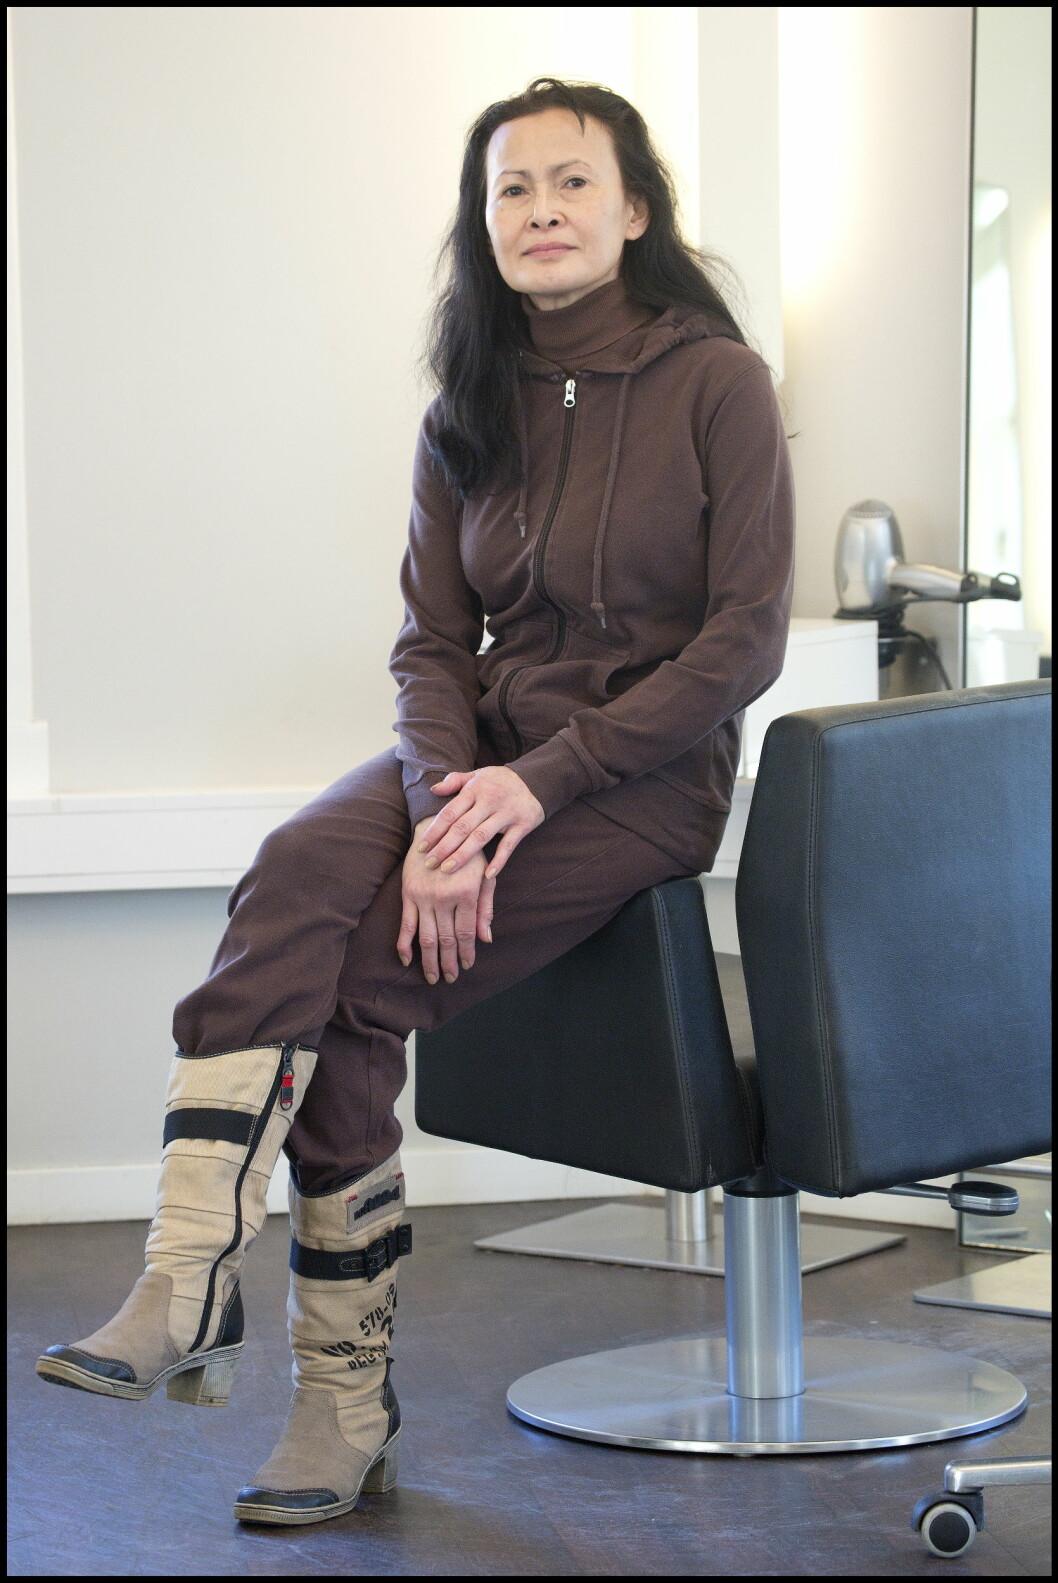 AVSLAPPET STIL: La-ead Jensen jobber på en skole og går praktisk kledd til hverdags. Når hun kommer hjem, bytter hun til kosedressen.  Foto: Henning Jensen/Se og Hør